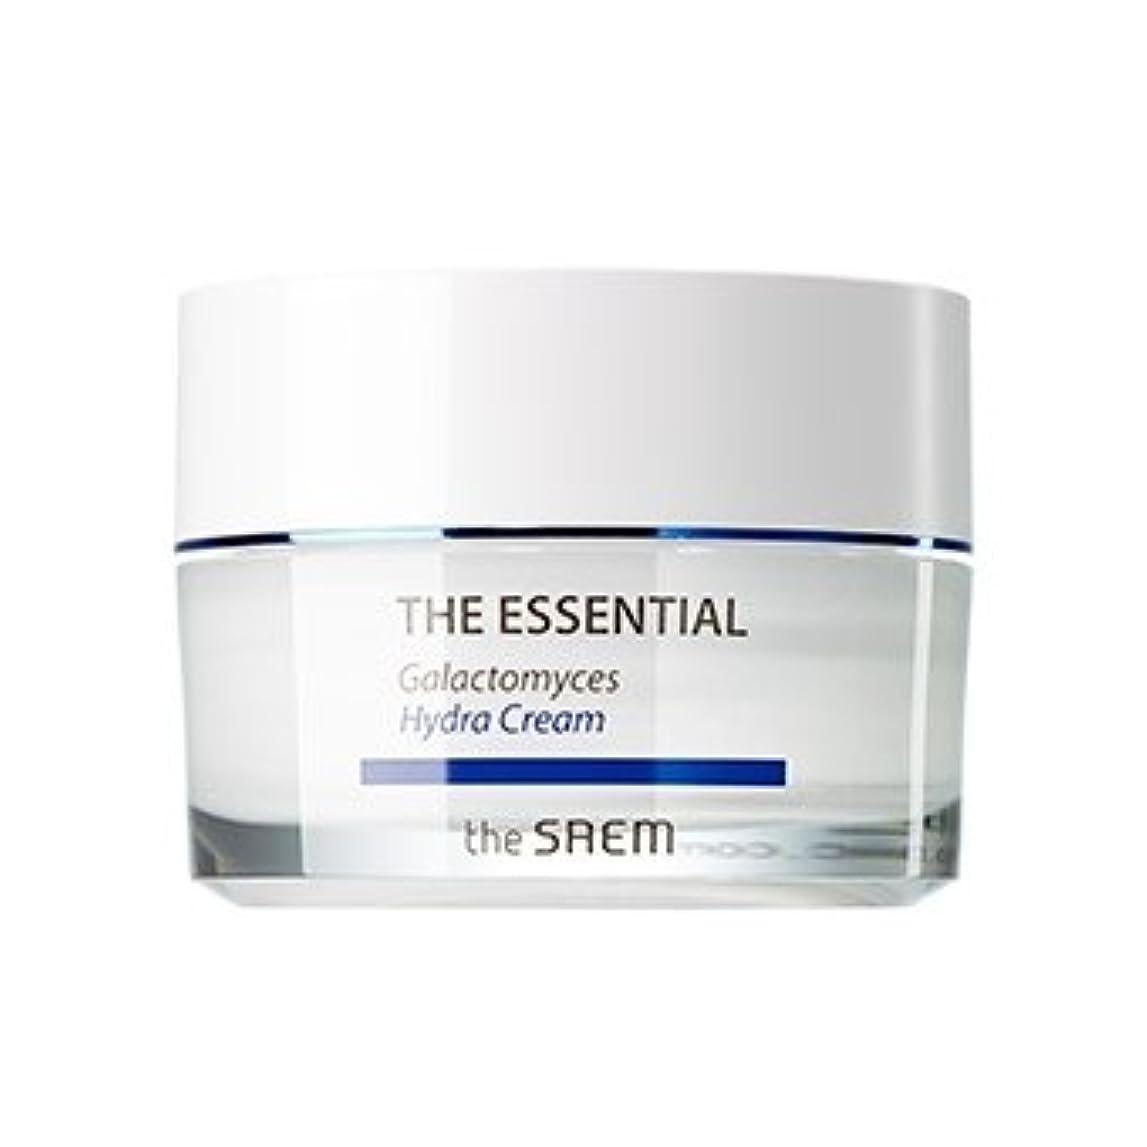 区画小間クリープthe SAEM The Essential Galactomyces Hydra Cream 50ml/ザセム ザ エッセンシャル ガラクトミセス ハイドラ クリーム 50ml [並行輸入品]